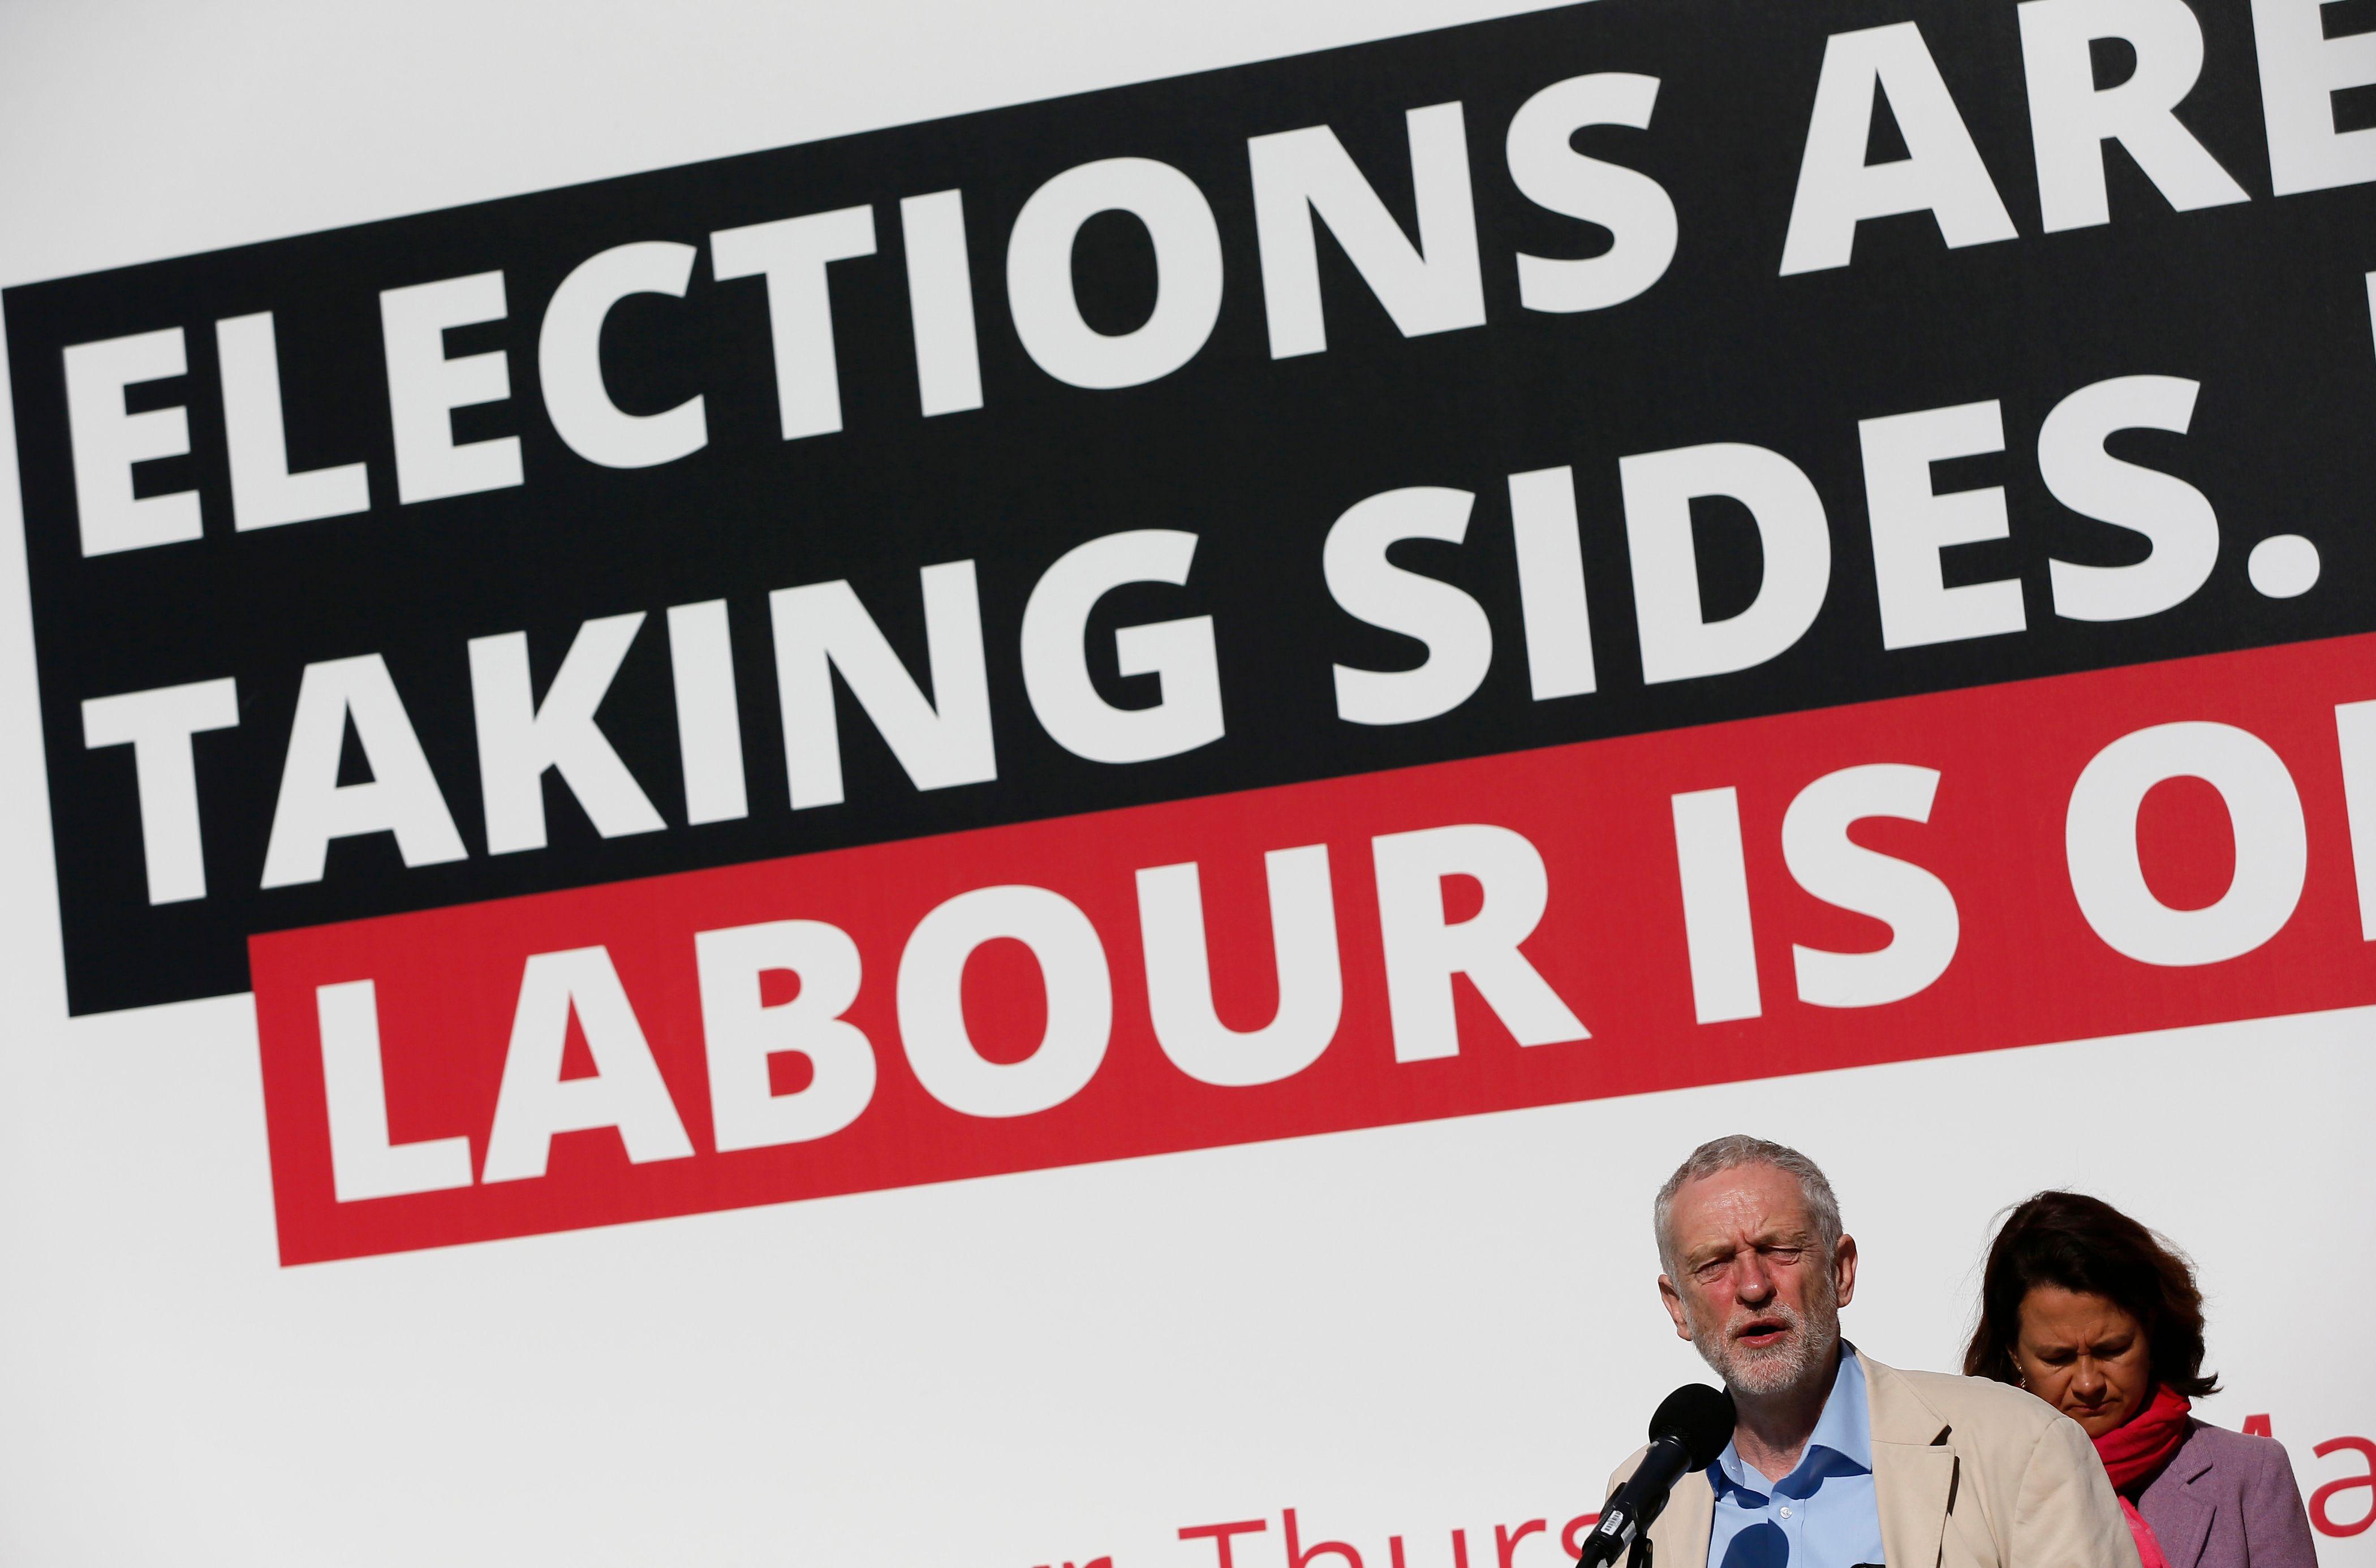 Le manifeste de la discorde : Jeremy Corbyn et le parti travailliste britannique pris dans les remous de leur programme législatif ultra à gauche